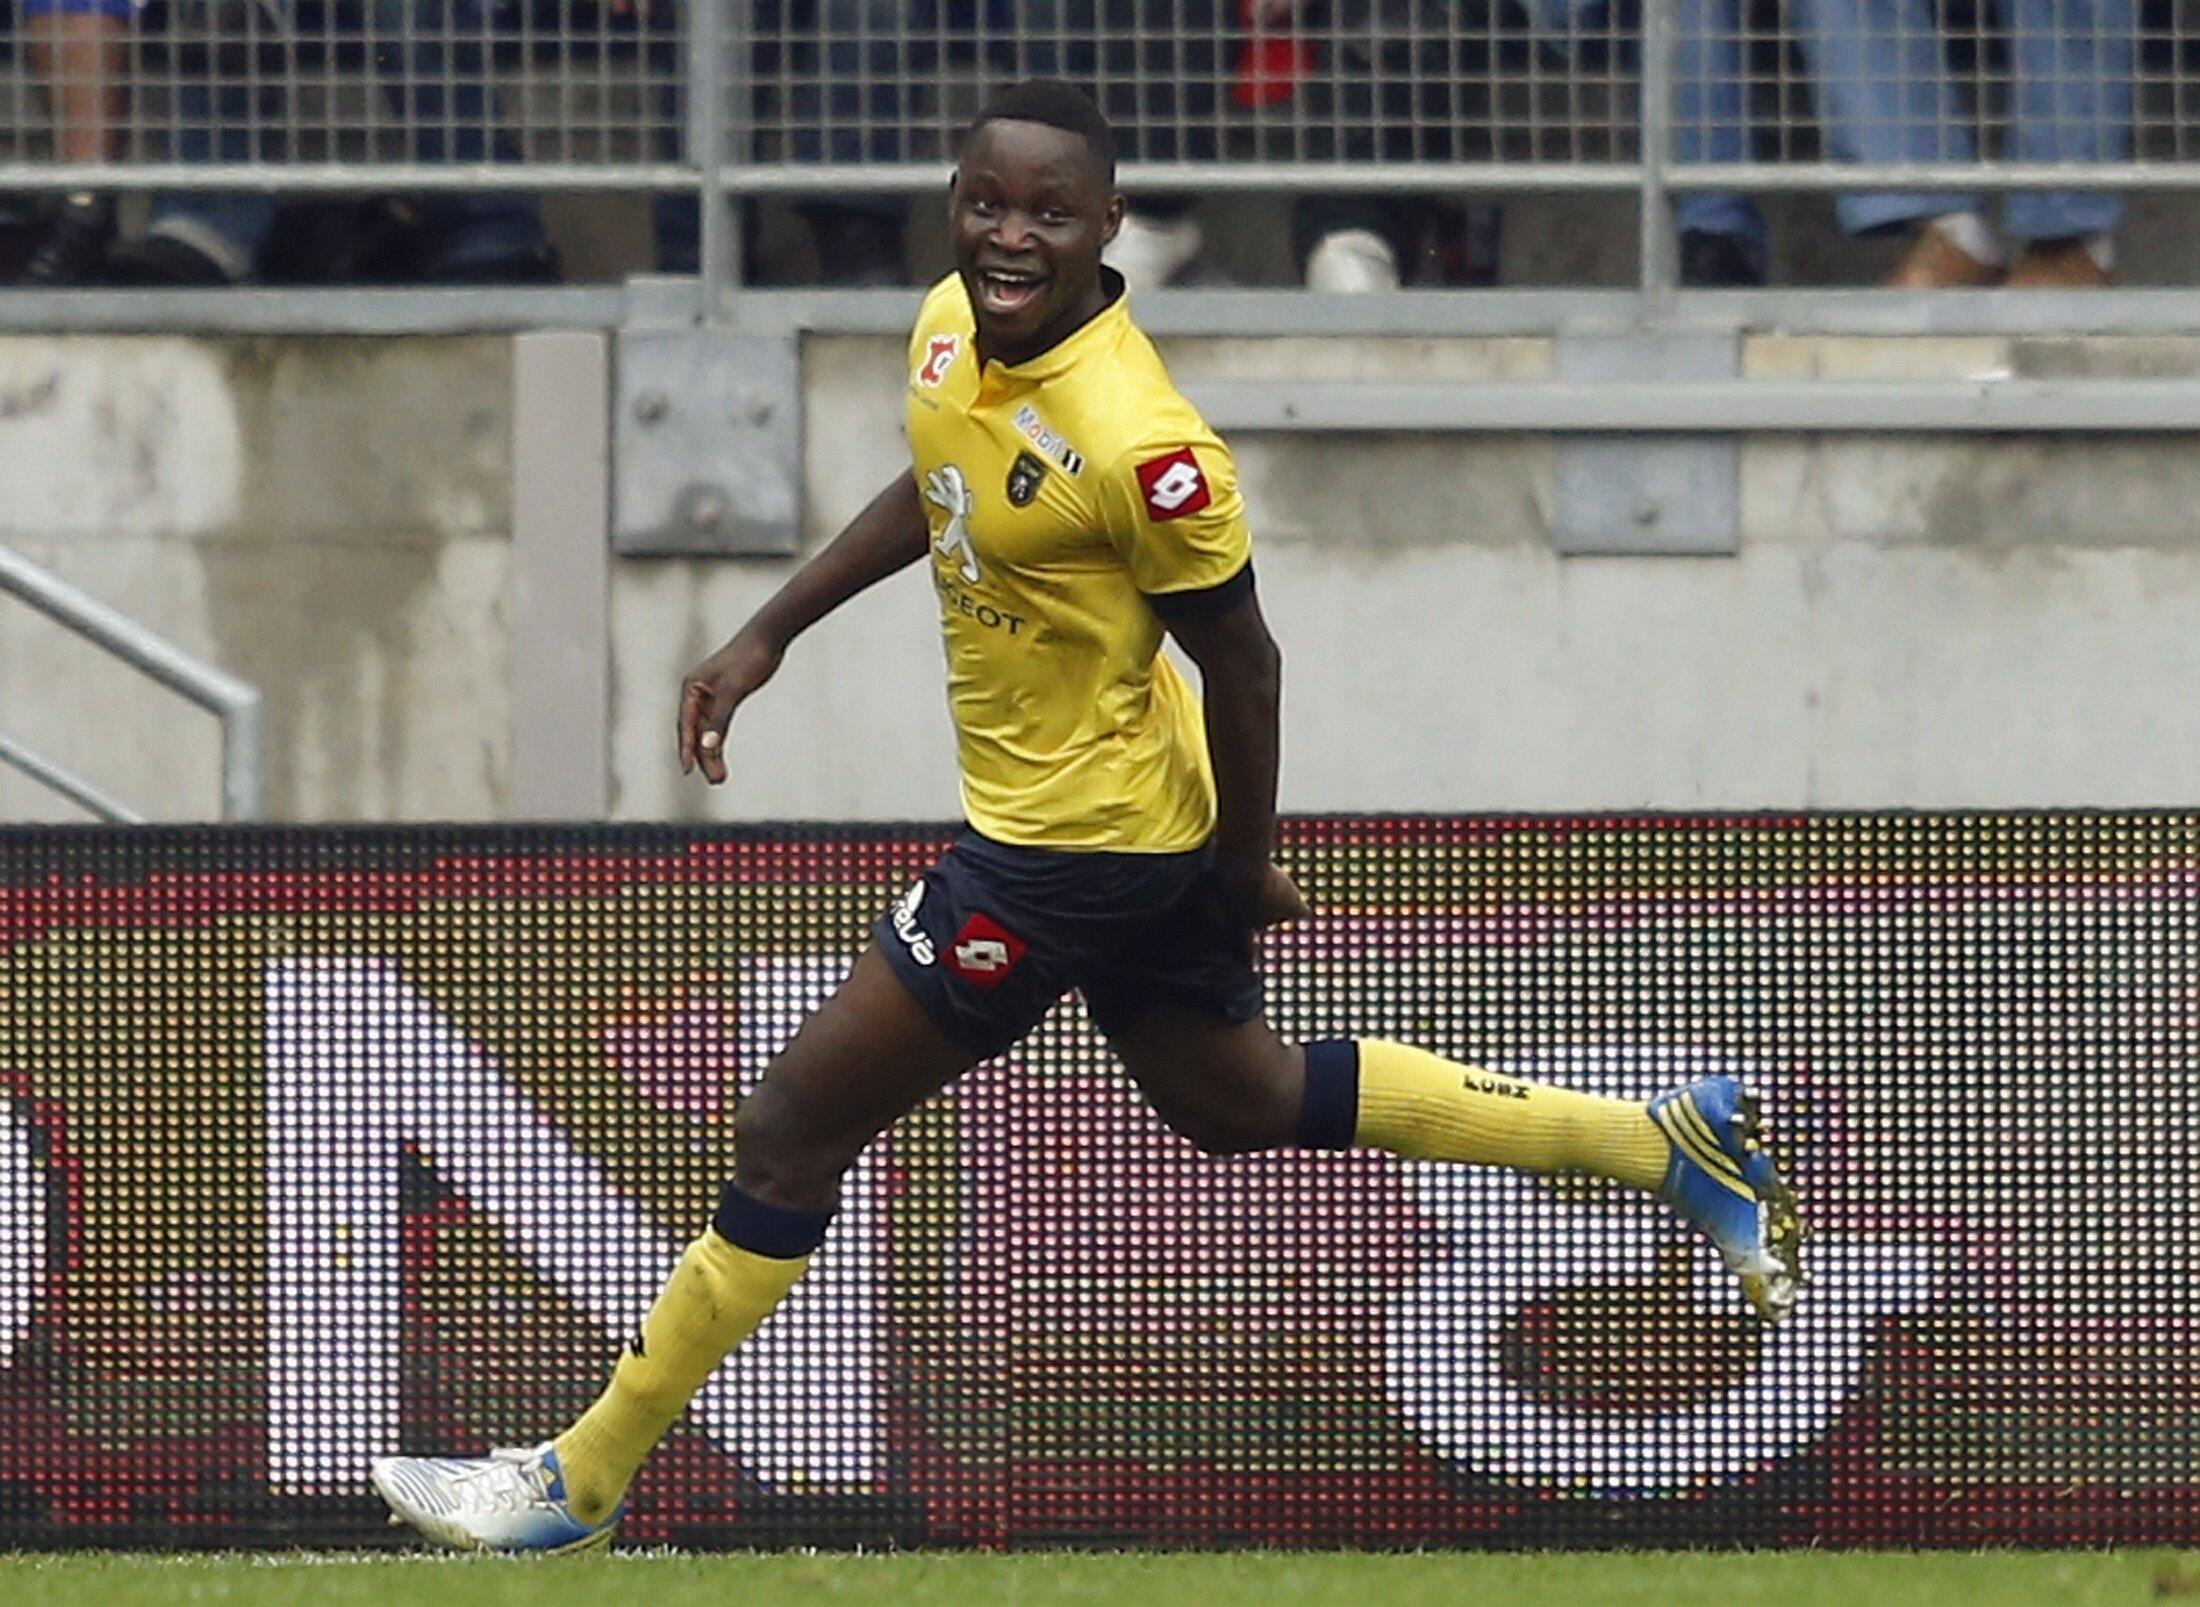 La joie de Joseph Lopy après avoir marqué son premier but en Ligue 1 face à Monaco au stade Bonal de Sochaux, le 20 octobre 2013.